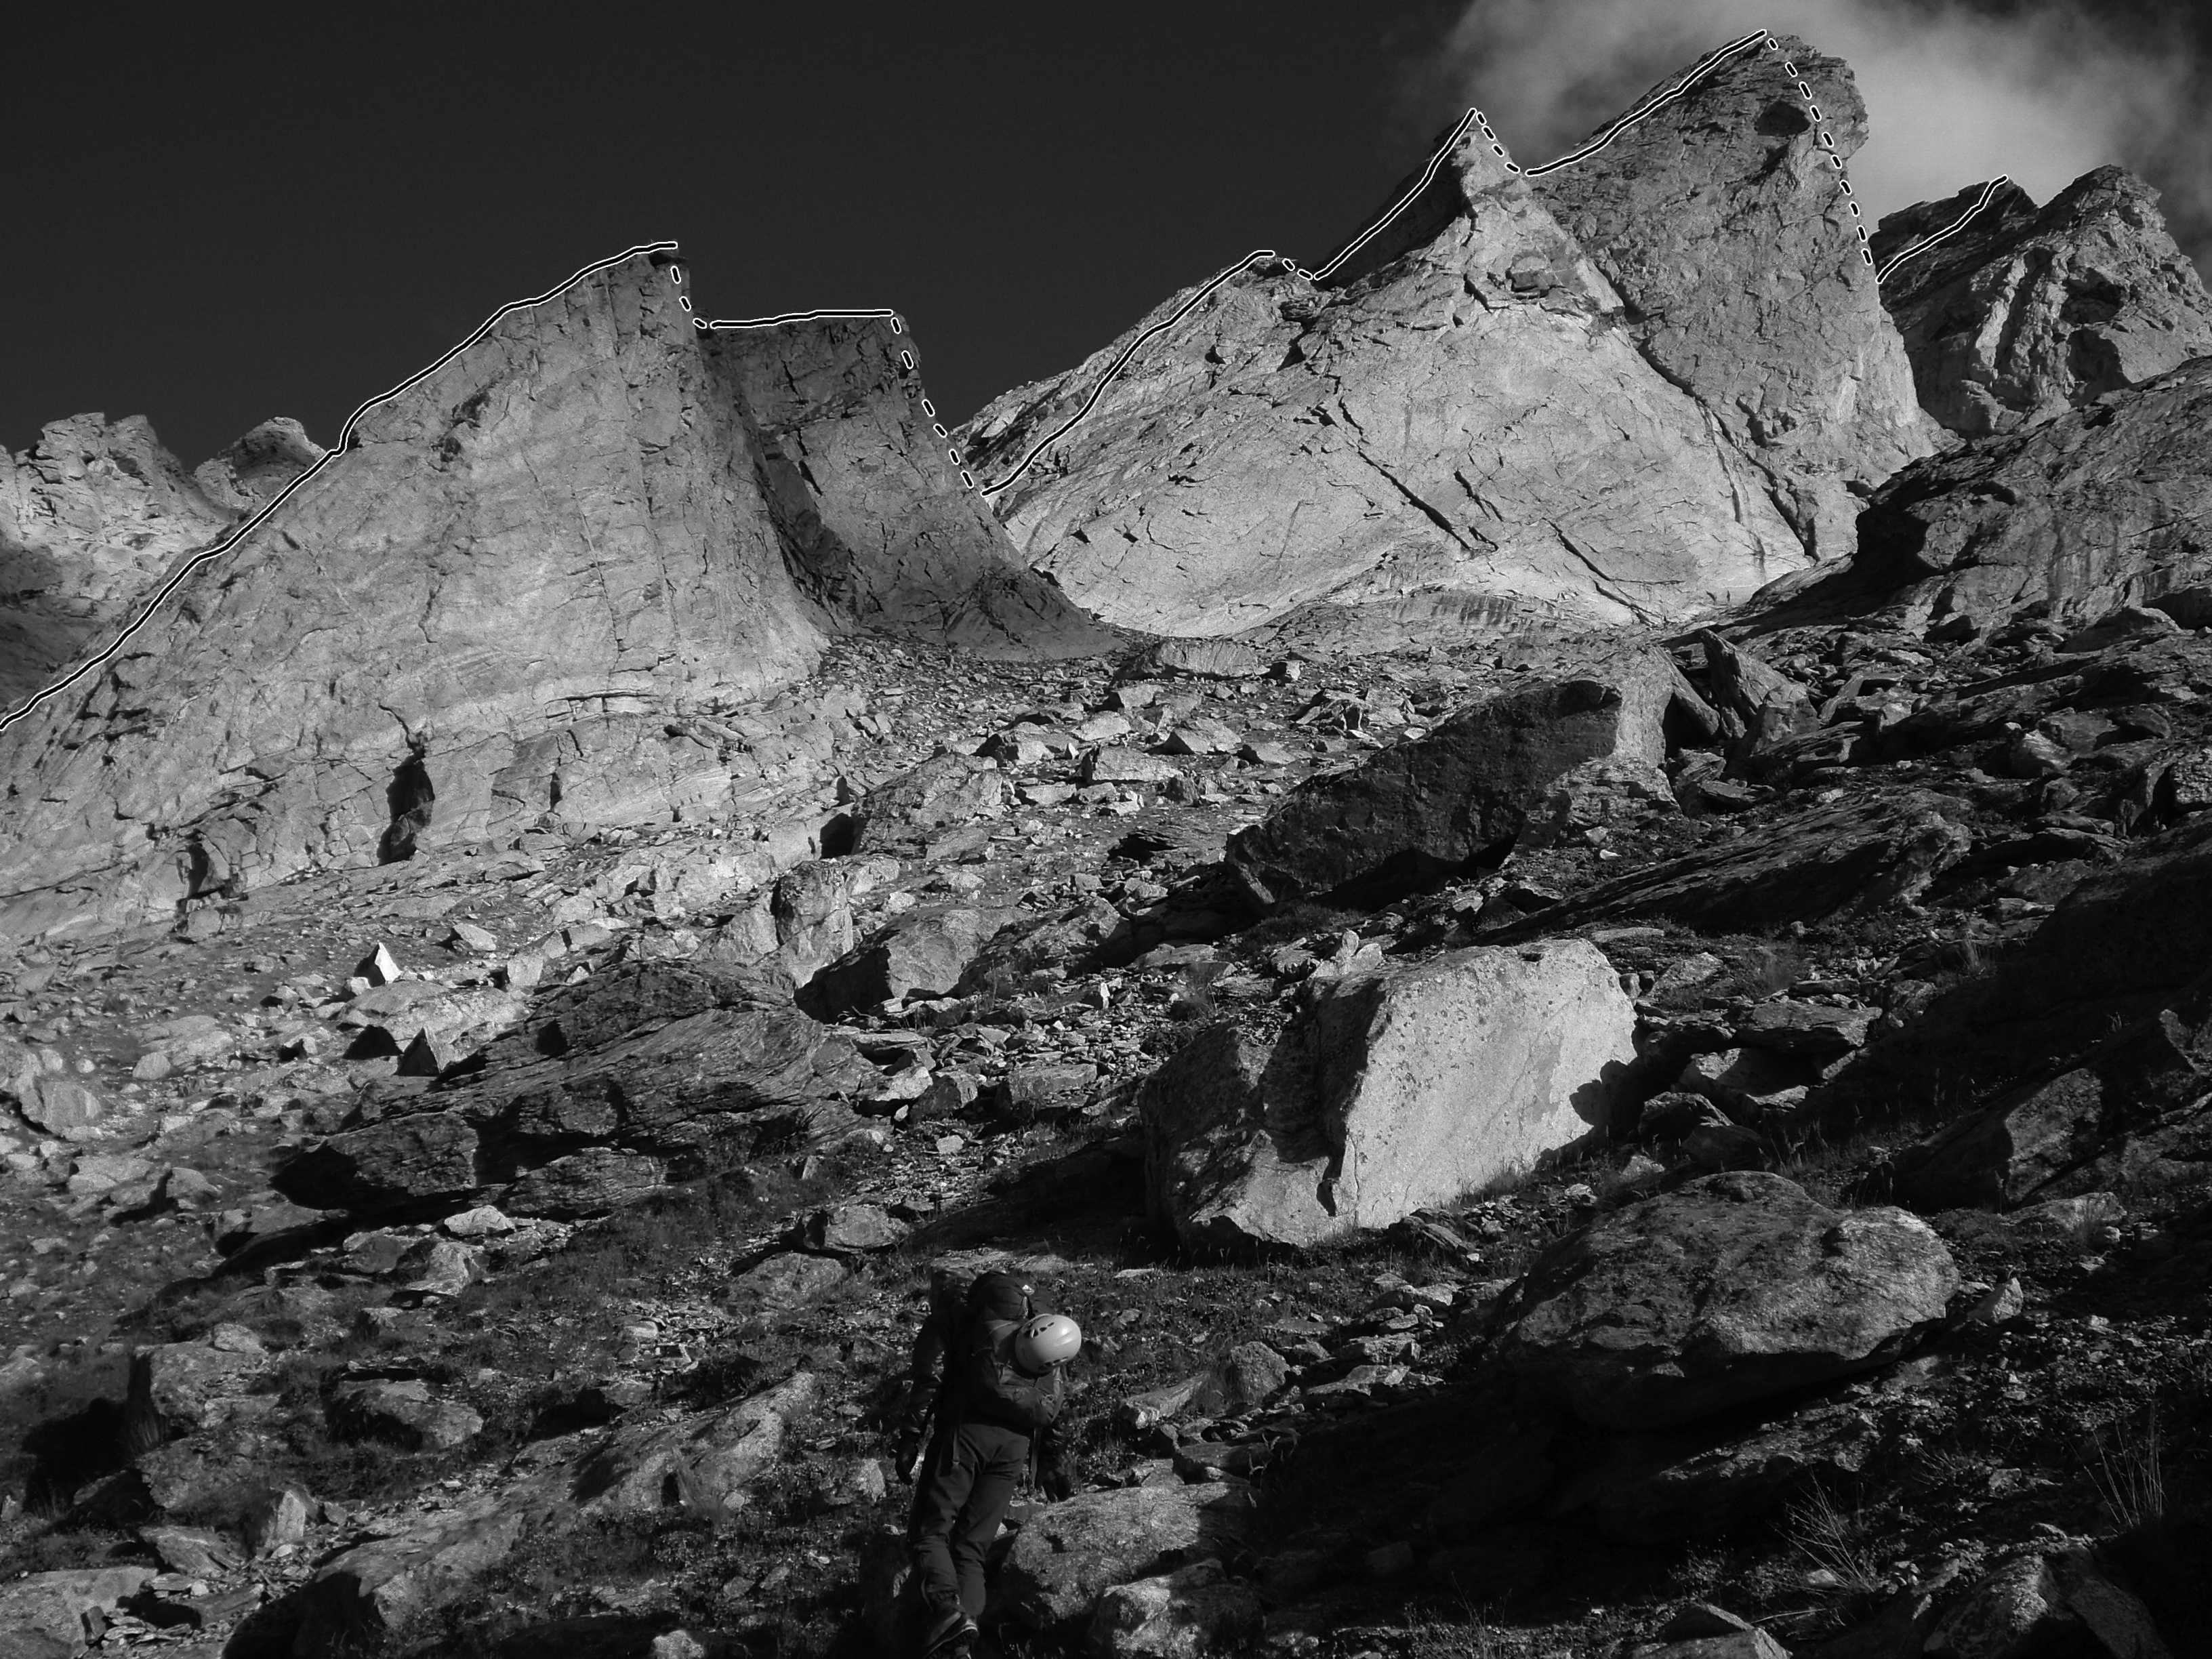 Trident Ridge (500m vertical, 1,000m long) on a virgin peak they called Premsingh Peak (ca 5,200m). Andrej Grmovsek